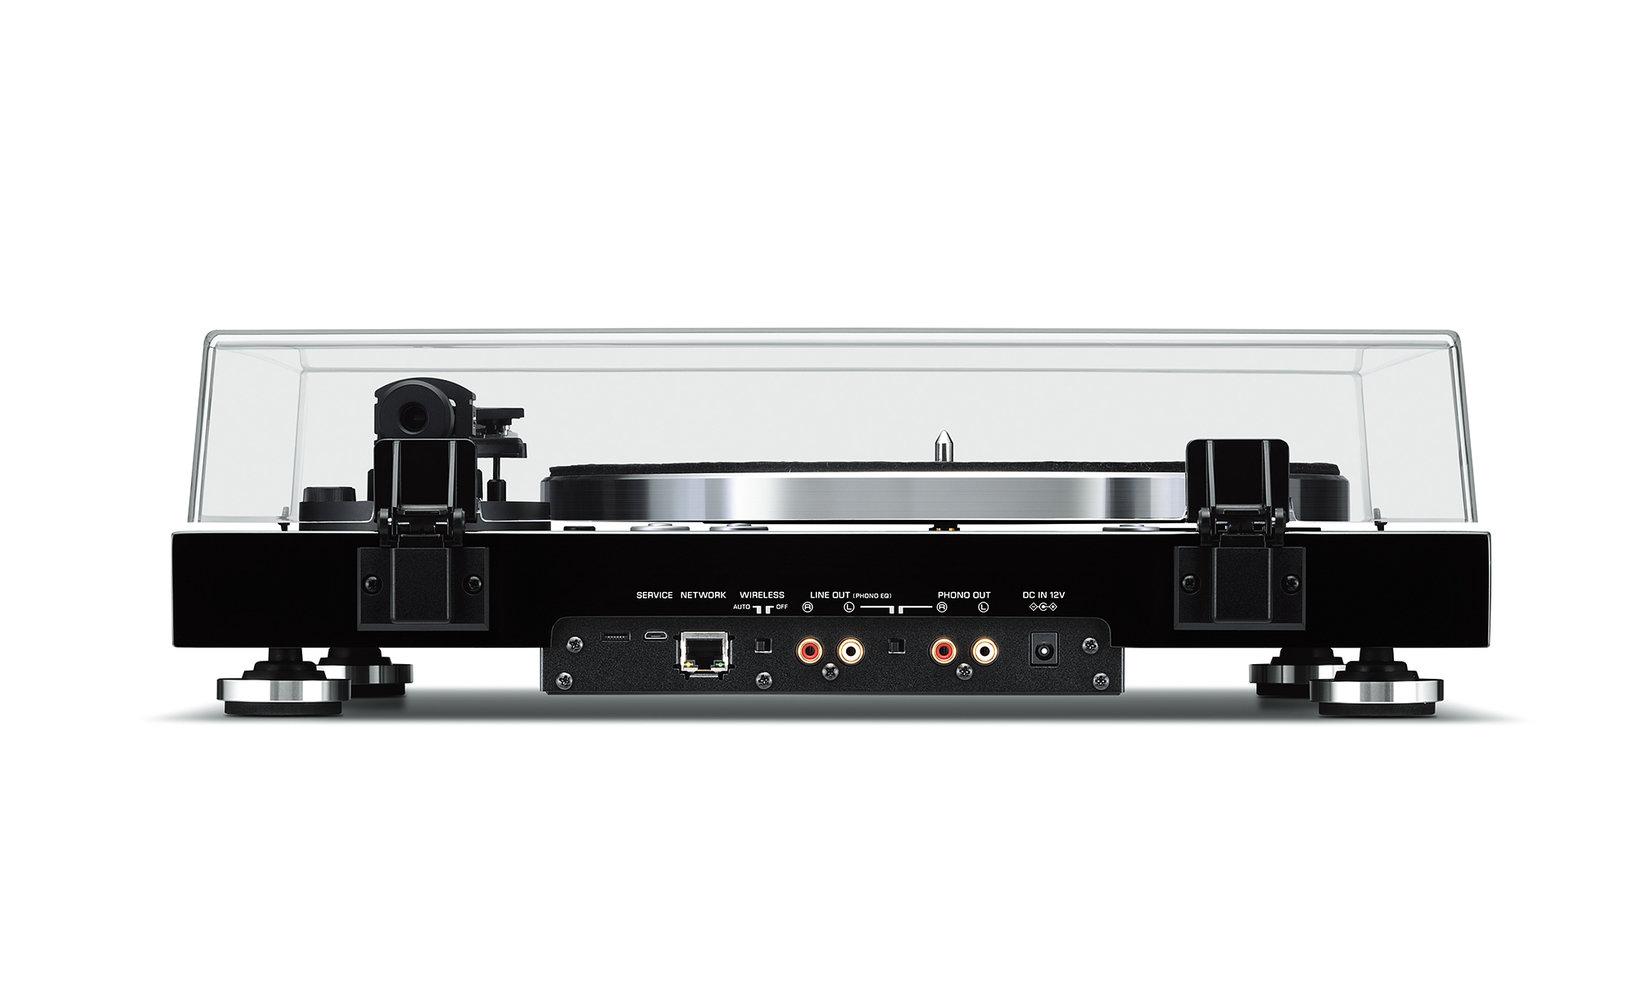 ヤマハ ネットワークターンテーブル 『MusicCast VINYL 500』 カラー:(B)ブラック 本体価格90,000円(税抜)